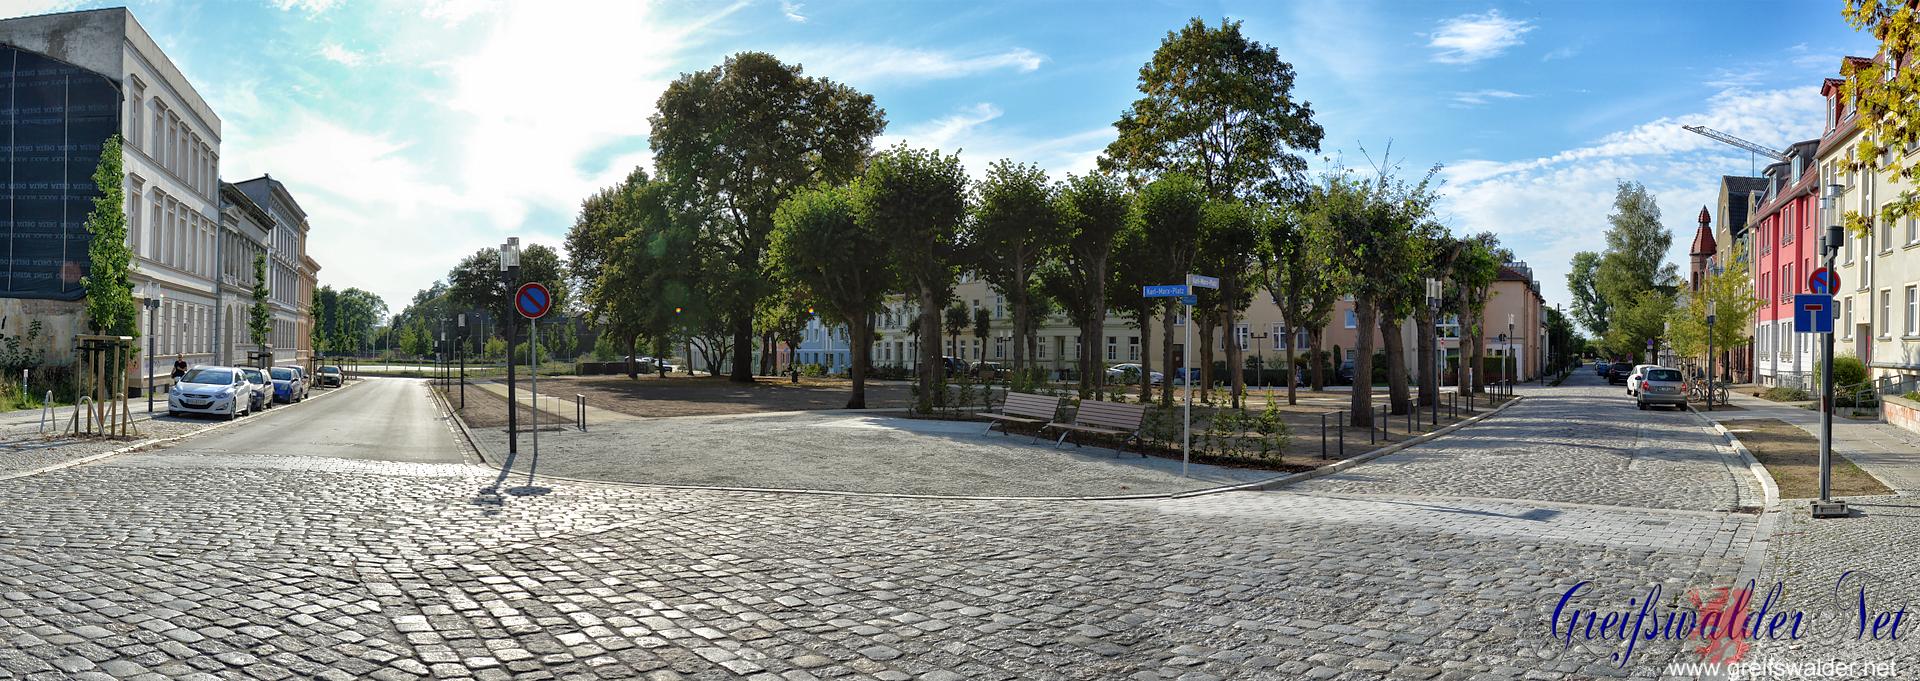 Karl-Marx-Platz in Greifswald neu gestaltet